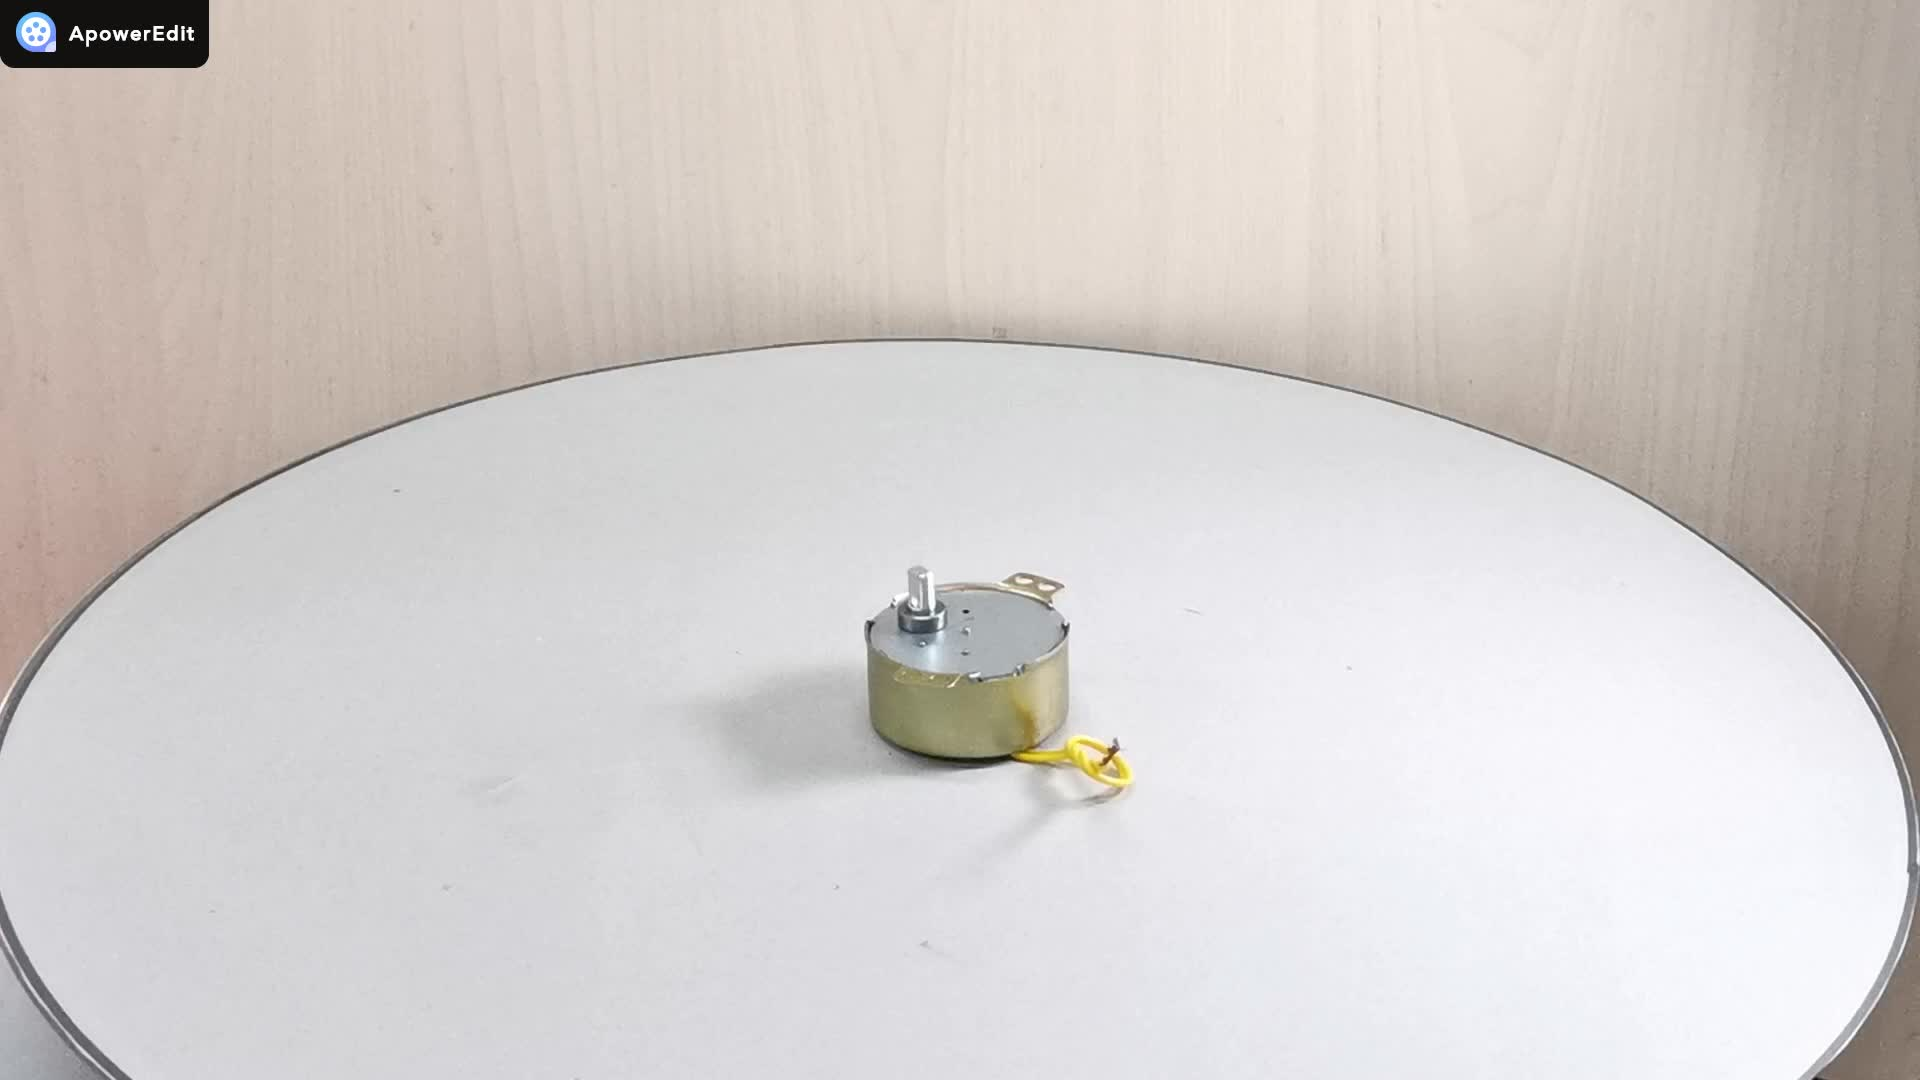 49TYJ düşük devir 4w 50ktyz kalıcı mıknatıs küçük otomatik ac senkron motor